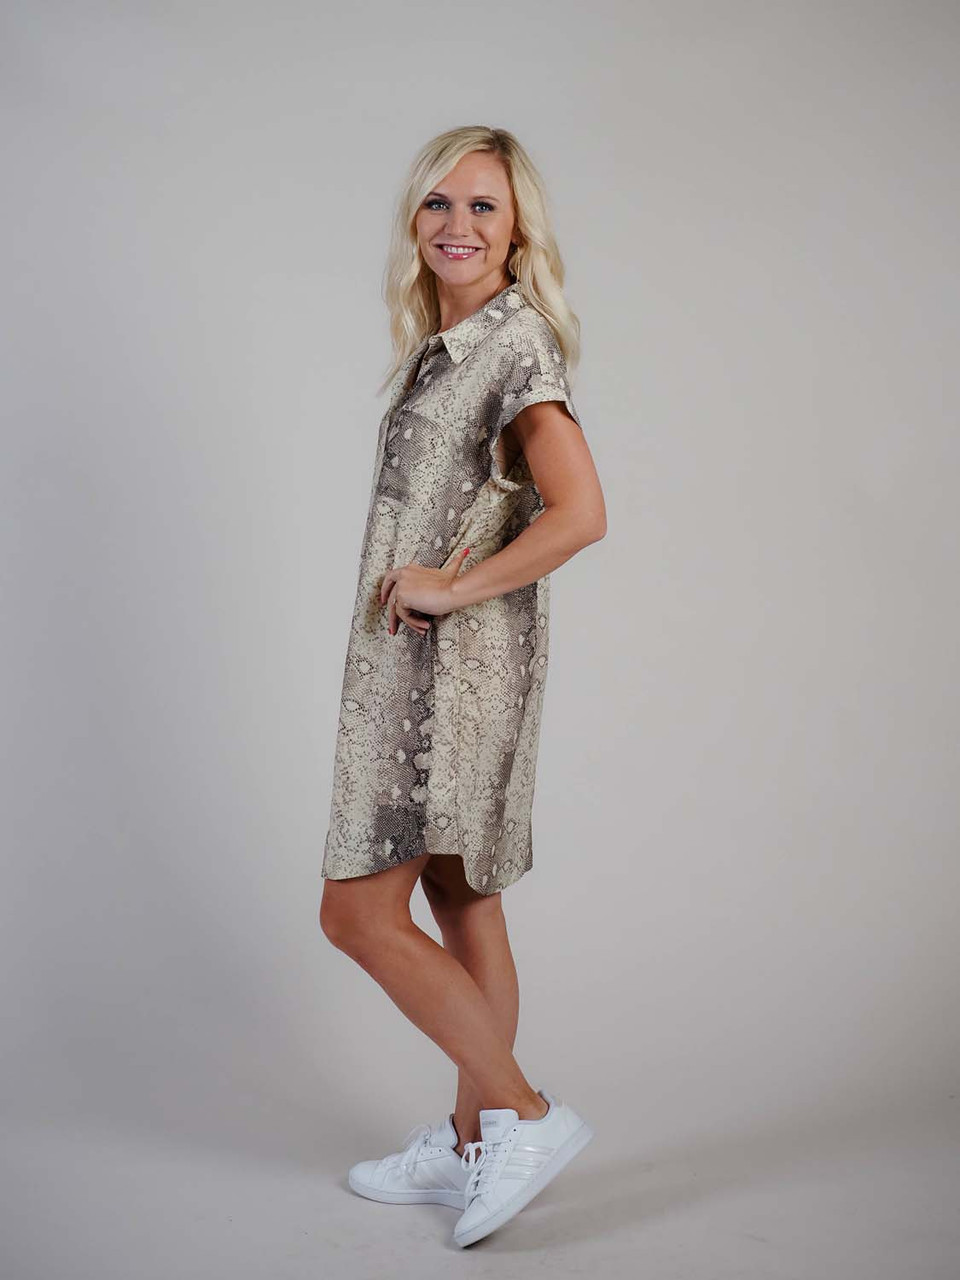 snakeprint dress with collar